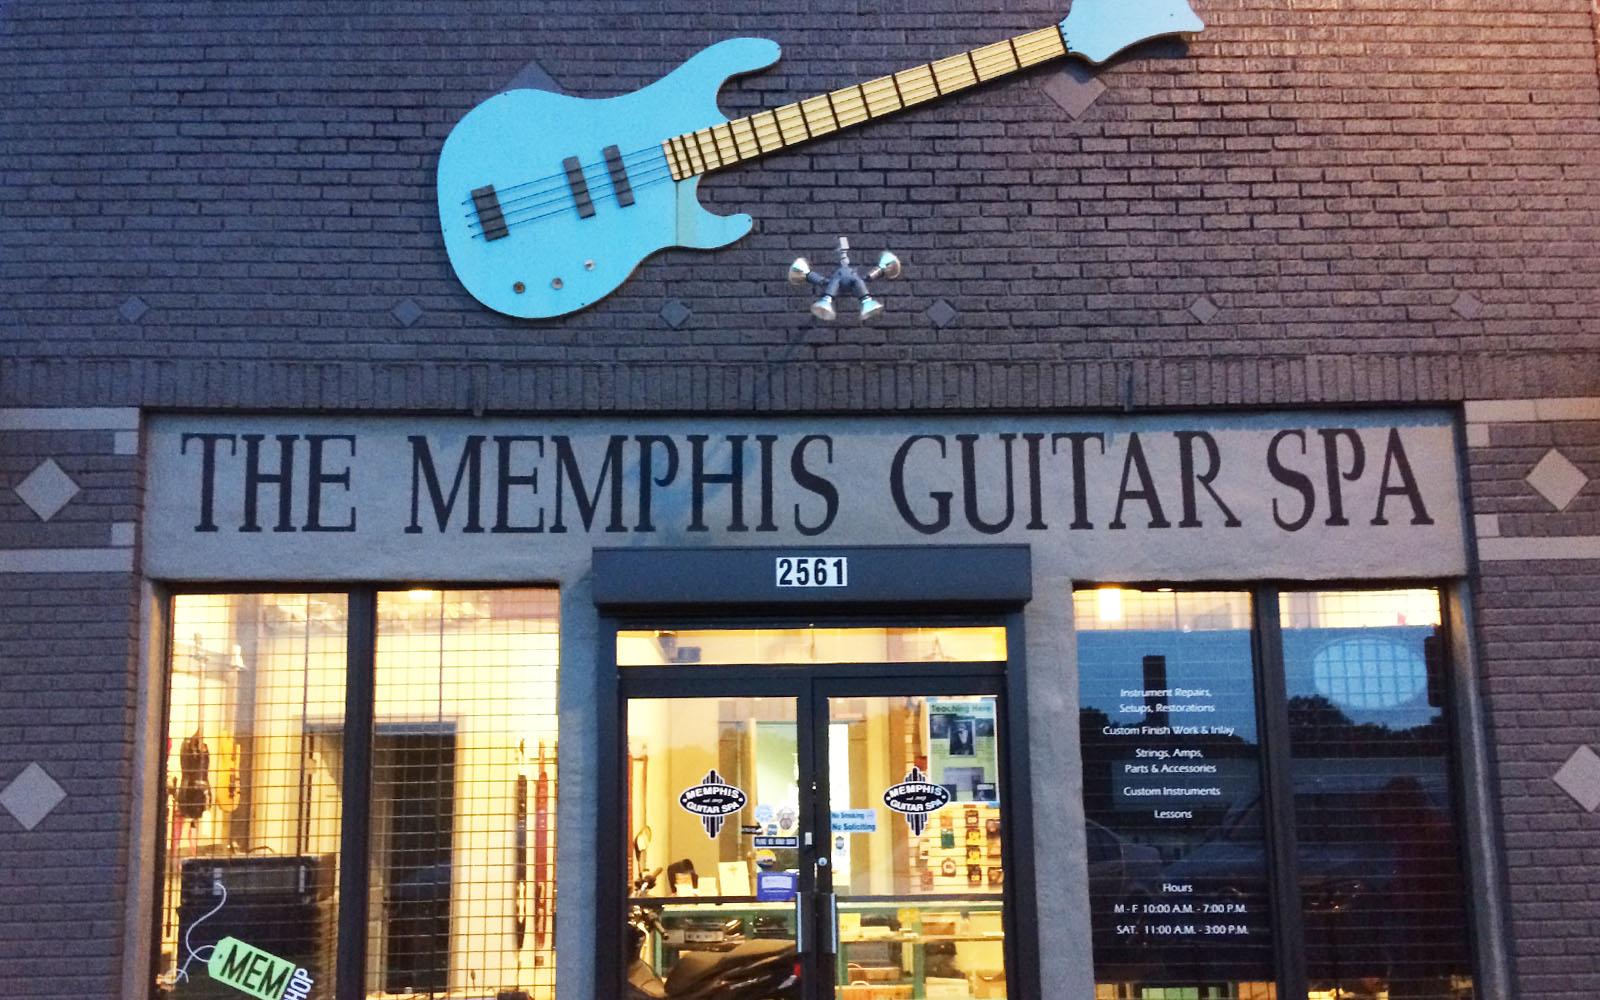 Un negozio di chitarre a Memphis.